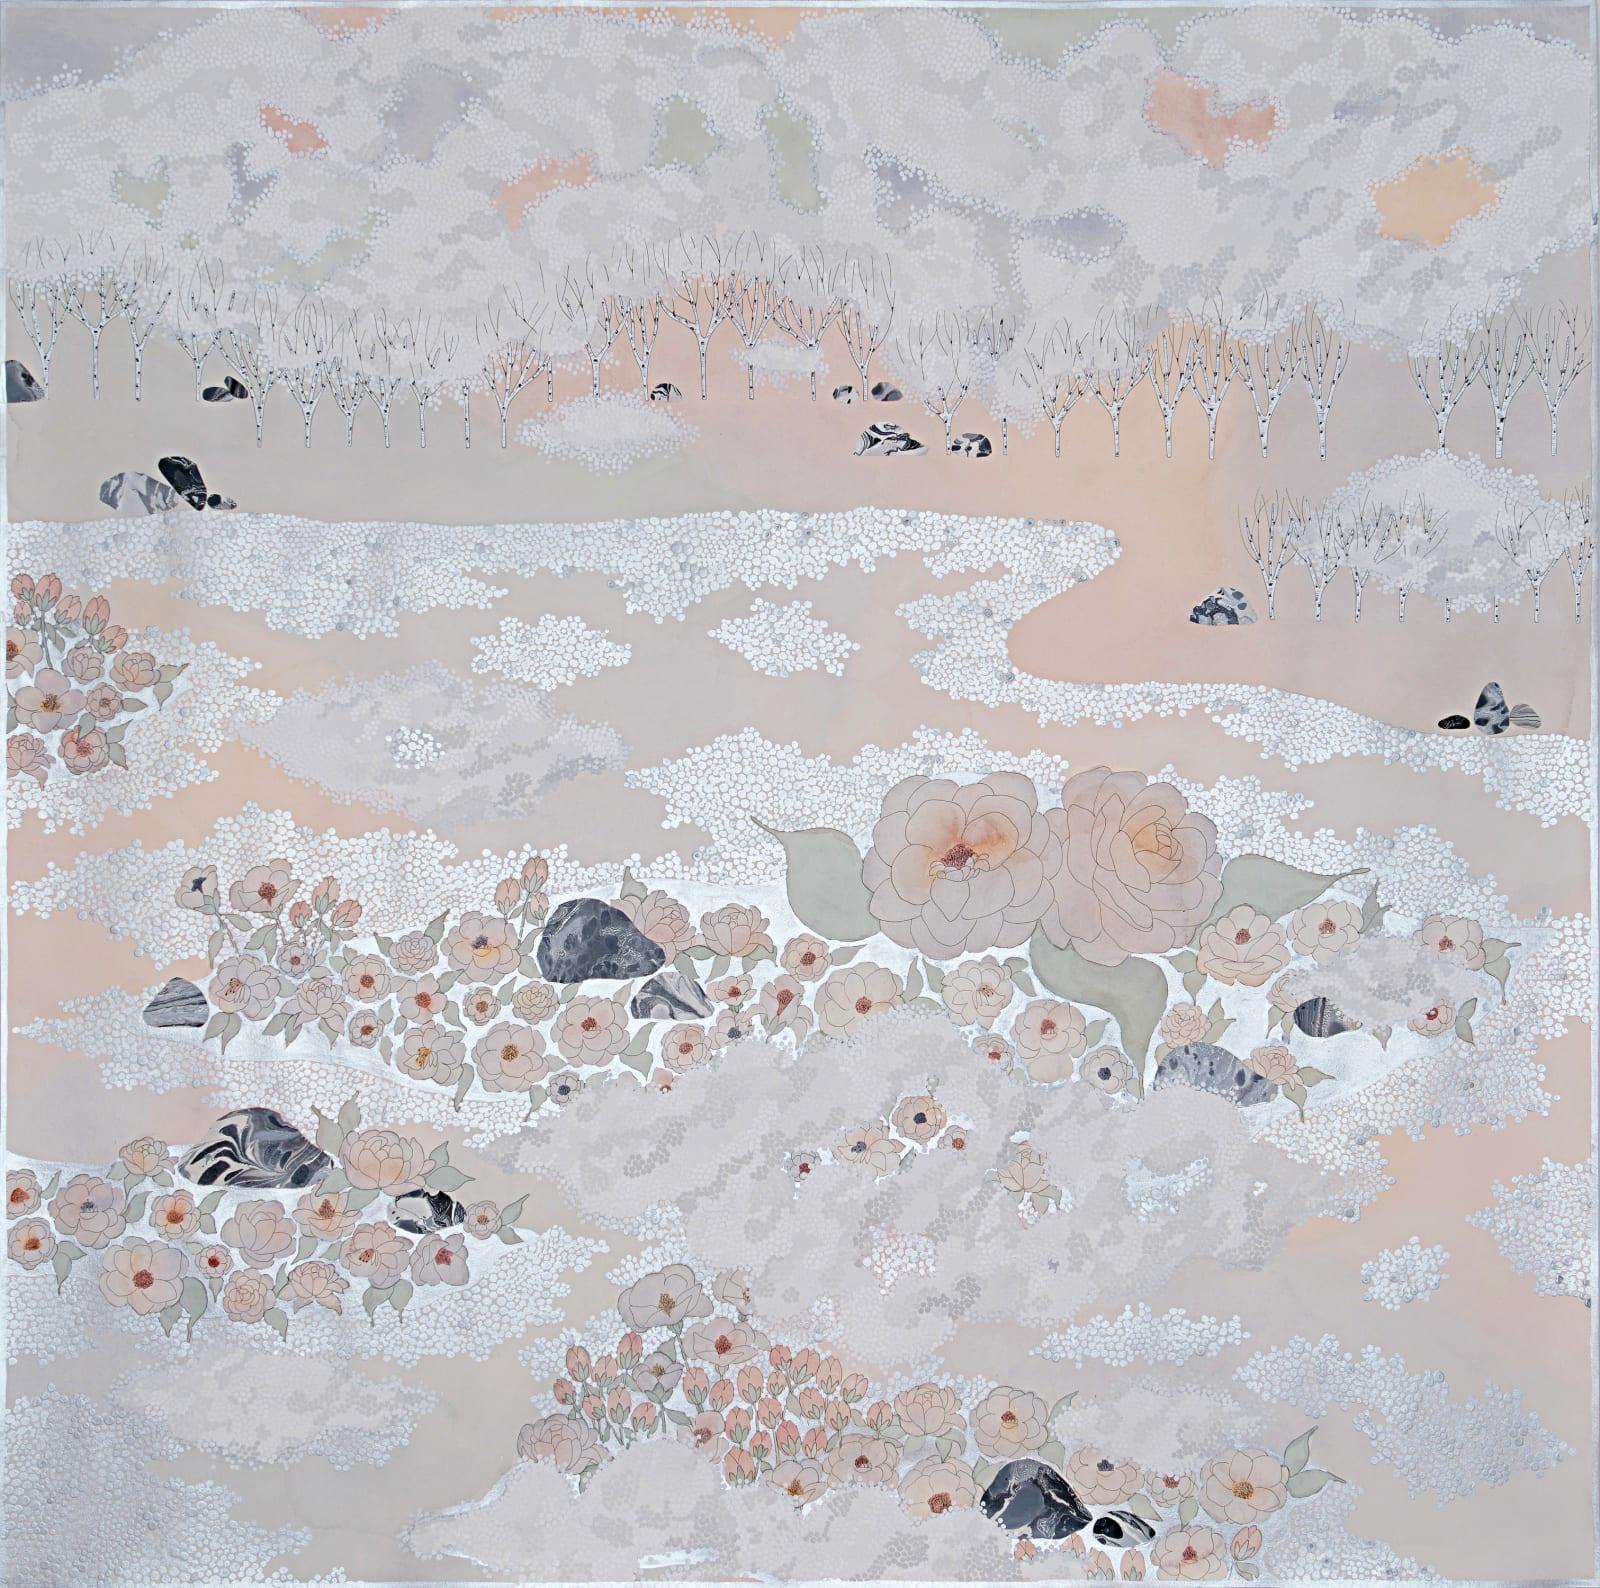 Crystal Liu, the fog, ''I see you'', 2019